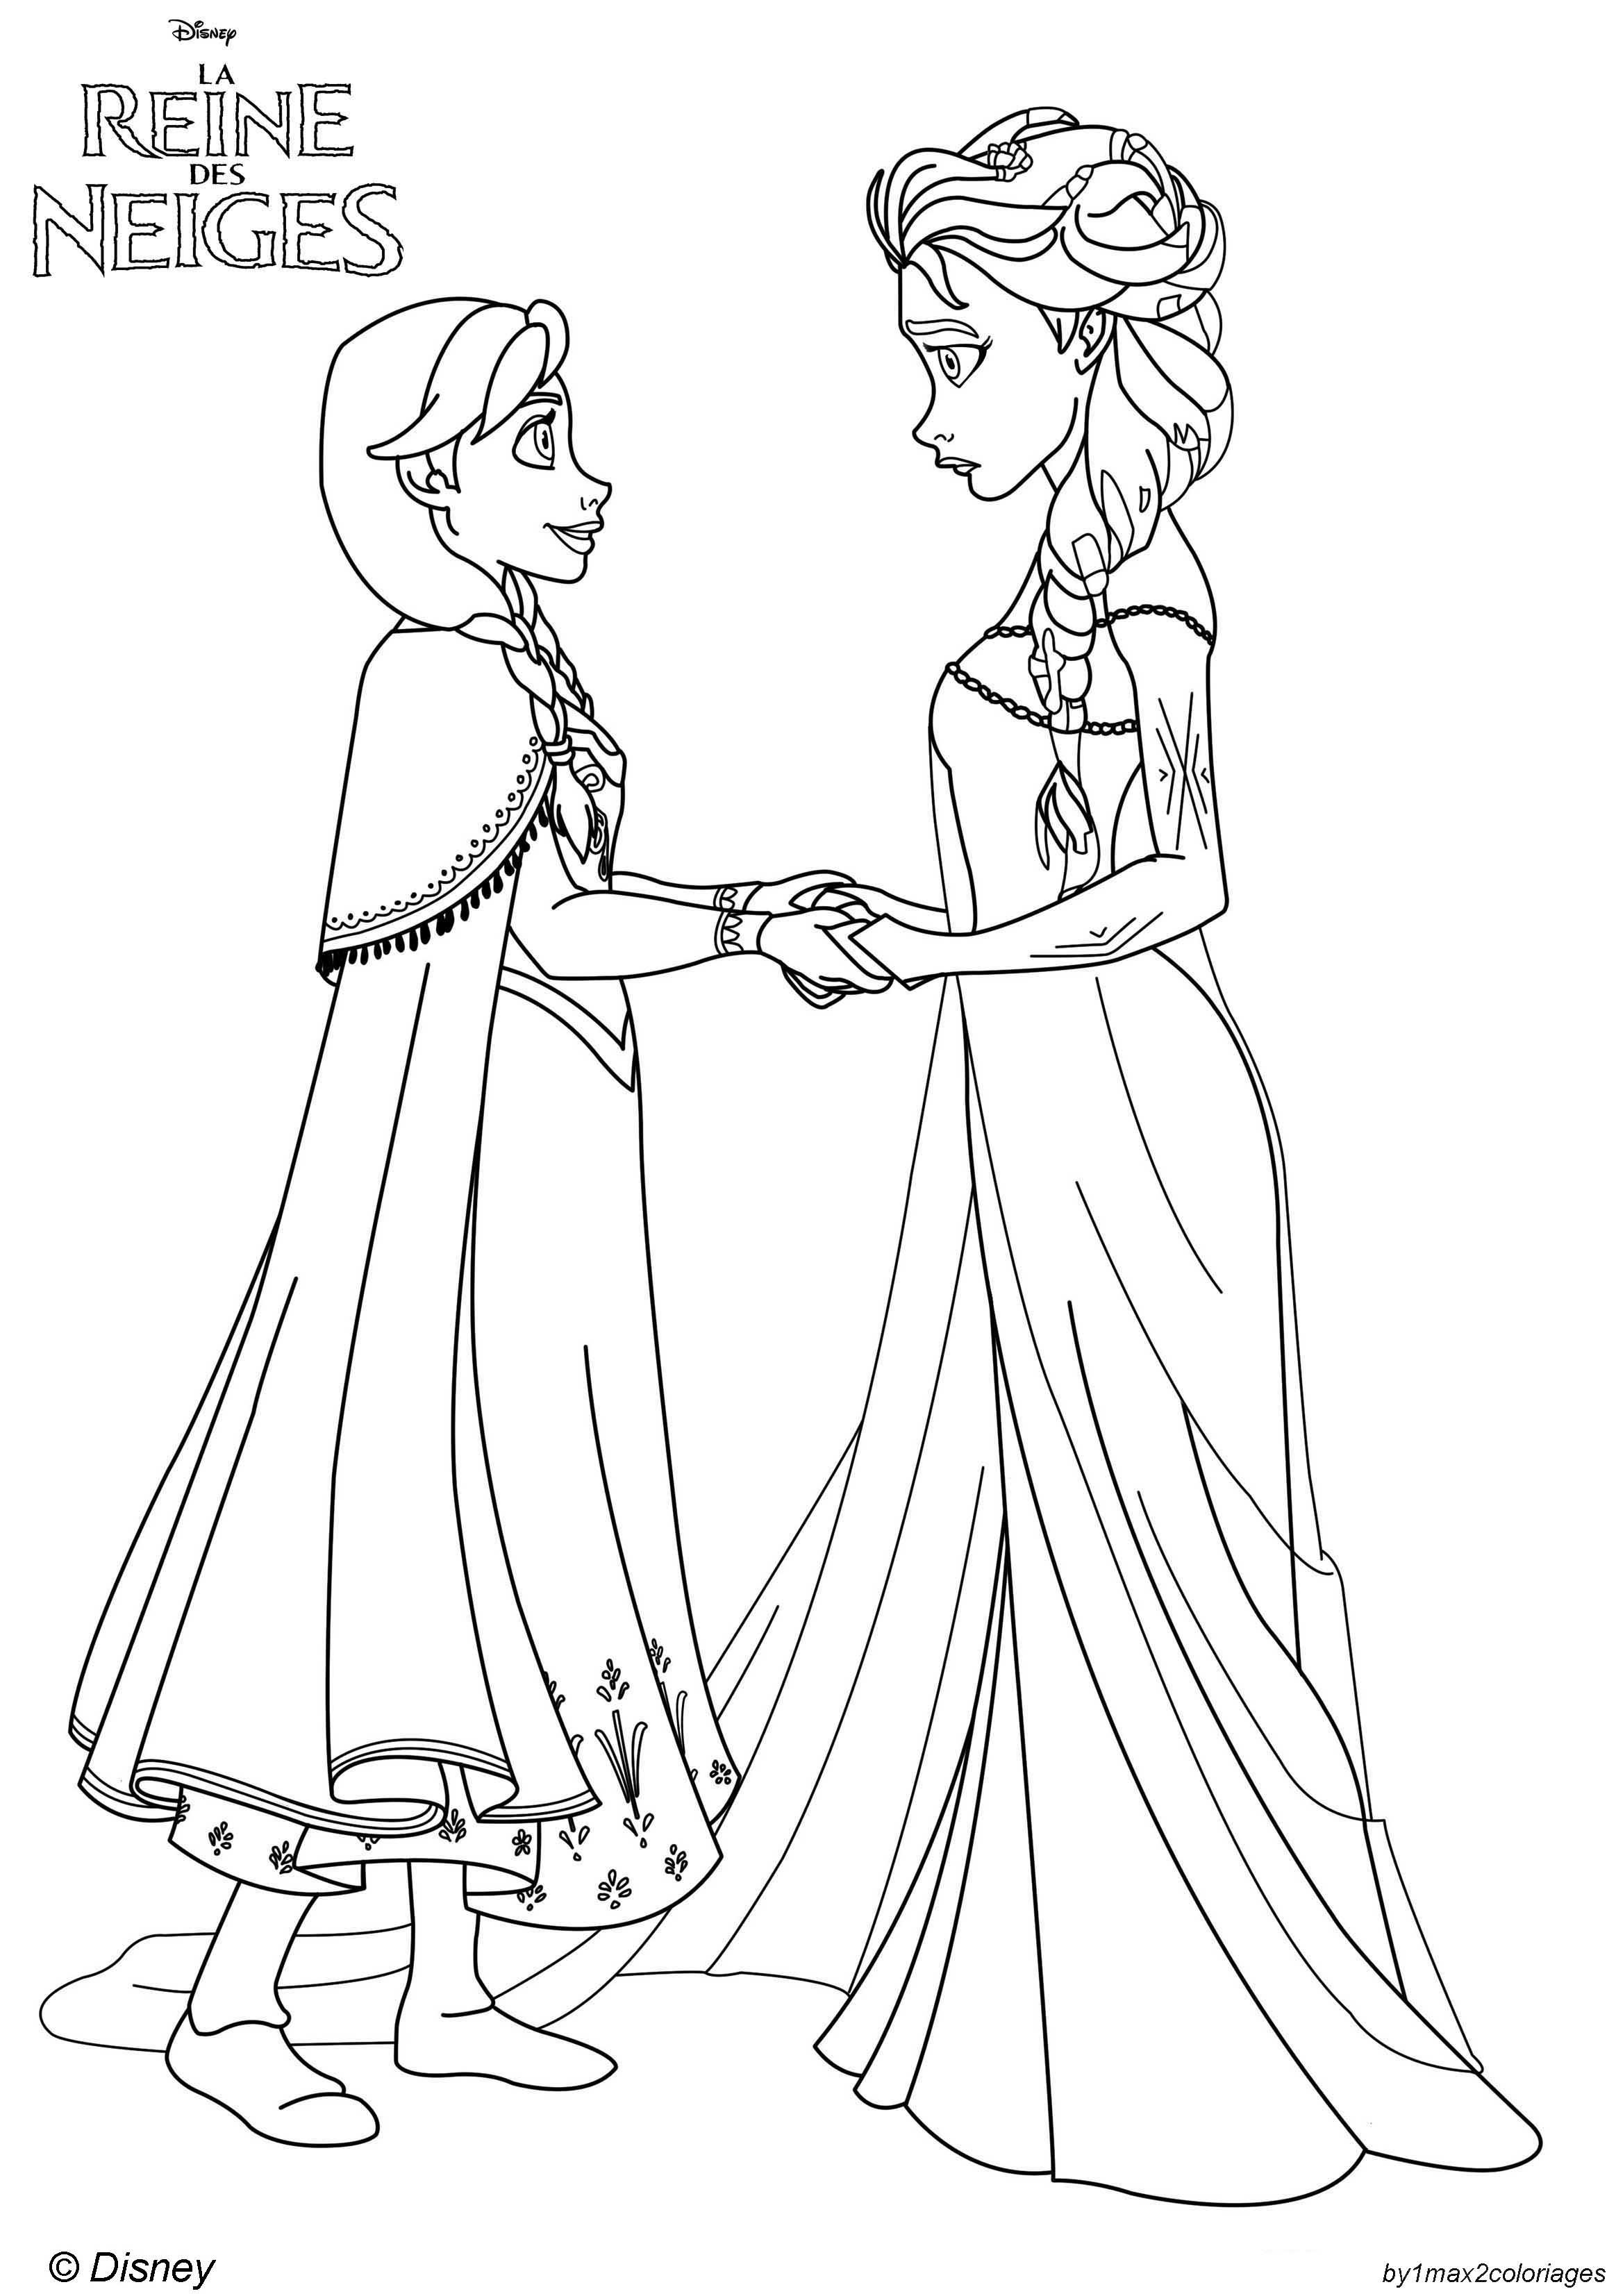 Coloriage Des Personnages Disney La Reine Des Neiges Anna Va Tout Faire Pour Aider Sa Soeur Elsa Coloring Page Frozen